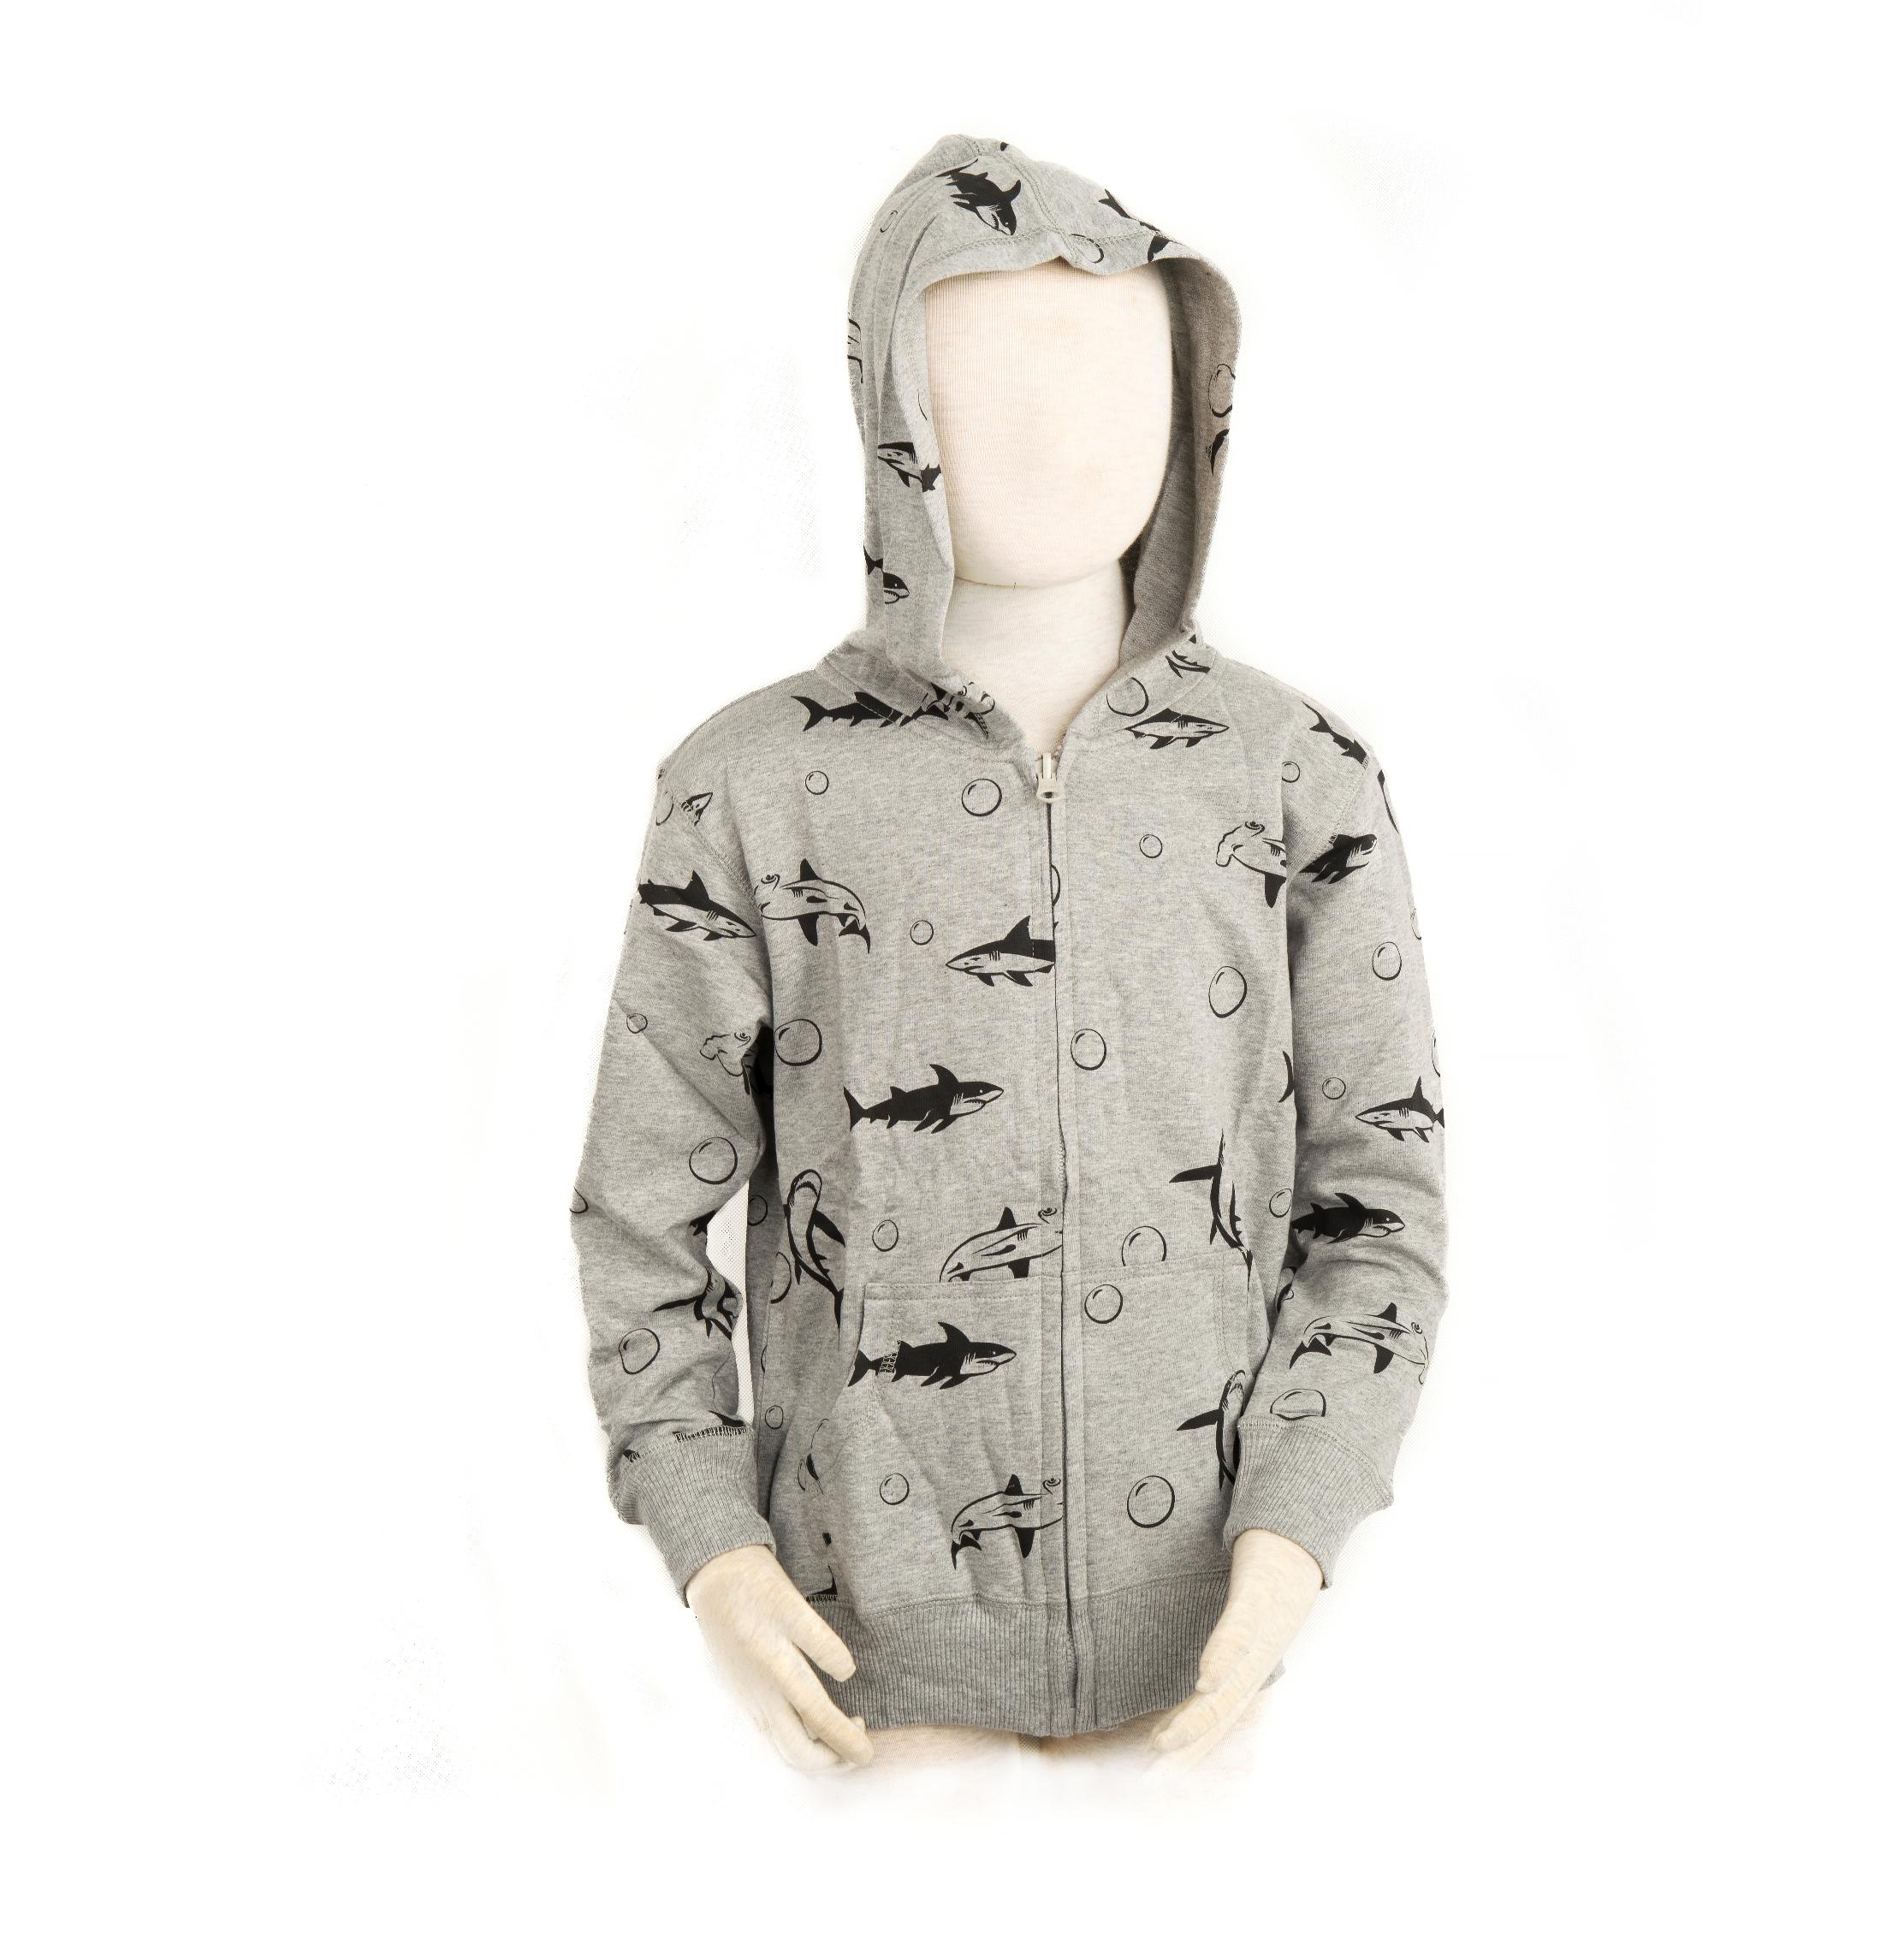 Children full print Shark Sweatshirt S